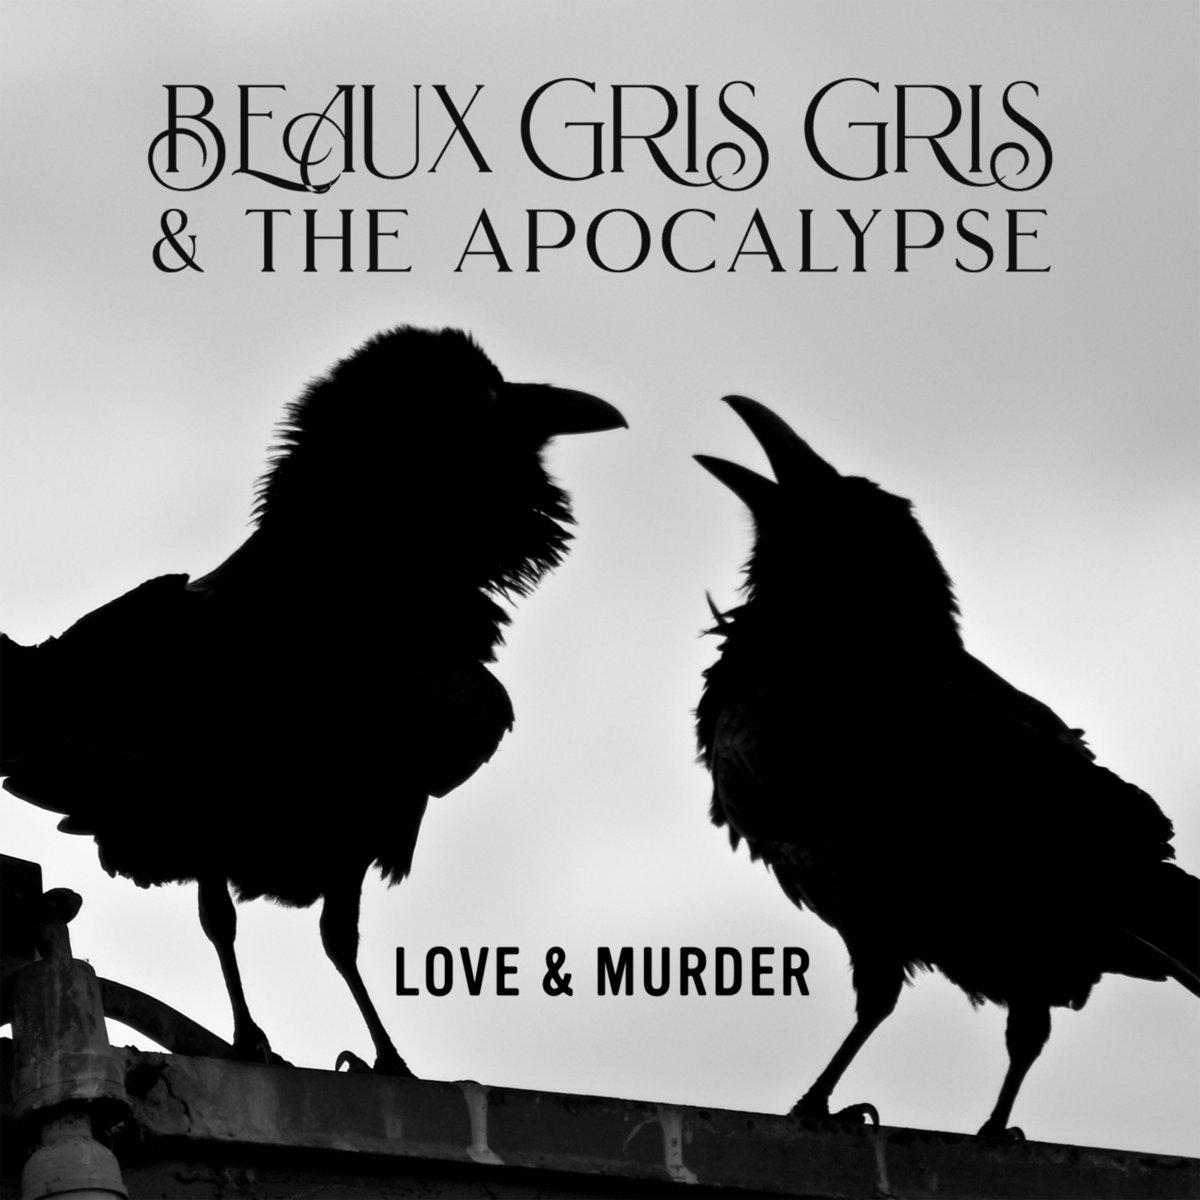 ¿Qué Estás Escuchando? - Página 26 Beaux-Gris-Gris-The-Apocalypse-Love-Murder